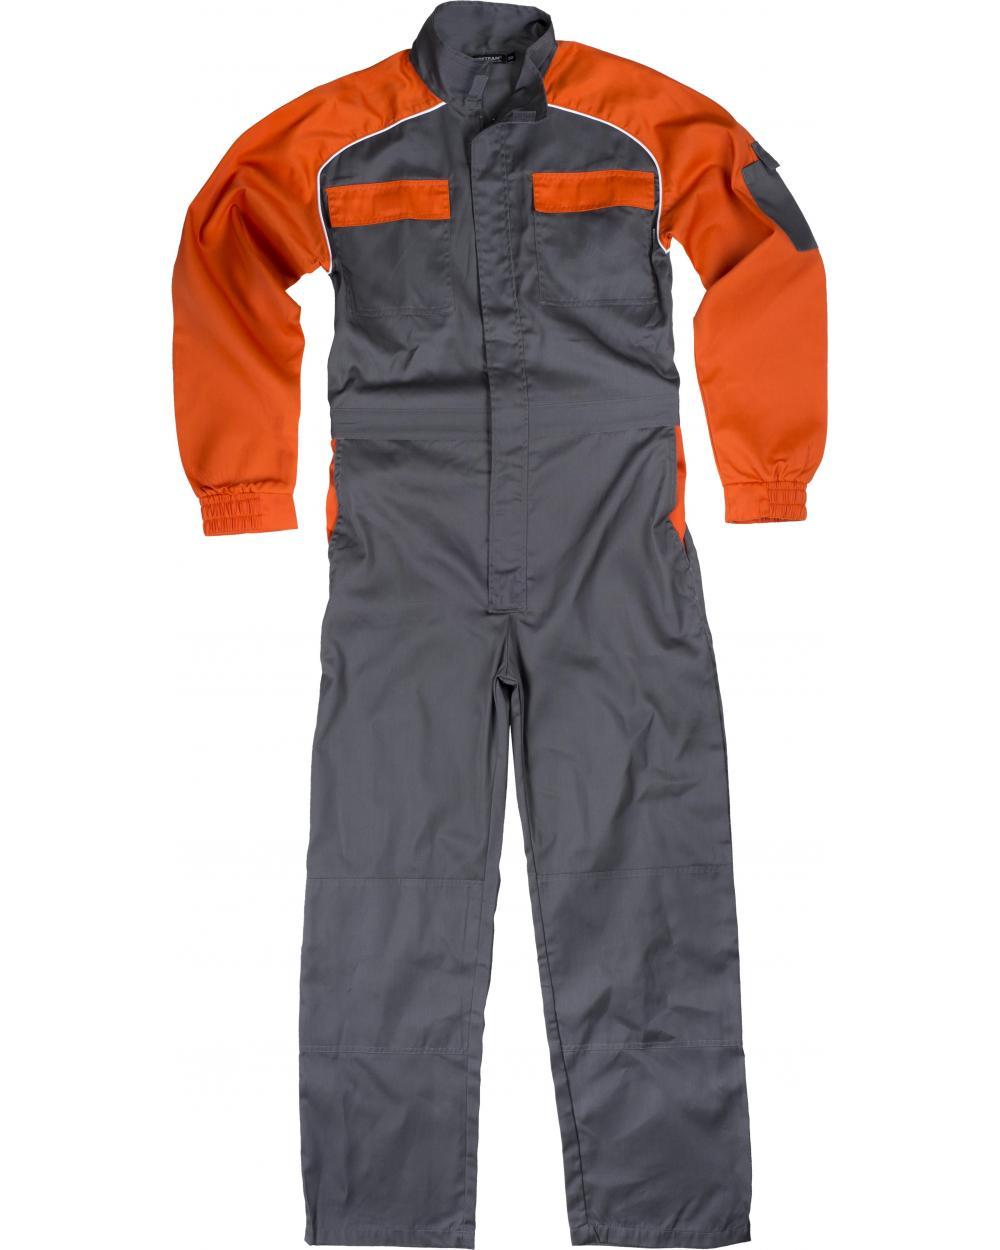 Comprar Buzo de trabajo combinado C4503 Gris+Naranja workteam delante